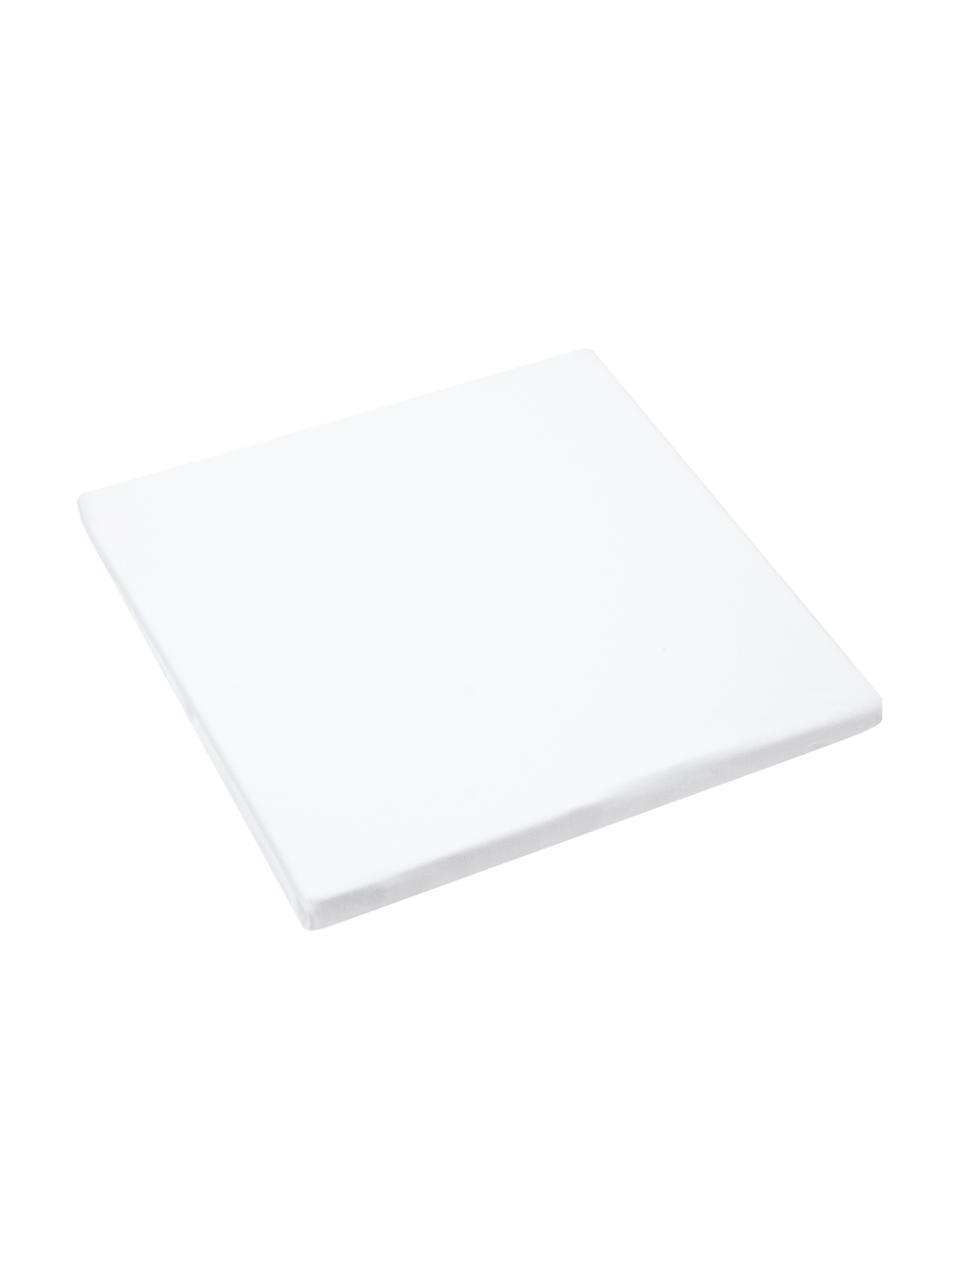 Spannbettlaken Lara in Weiß, Jersey-Elasthan, 95% Baumwolle, 5% Elasthan, Weiß, 140 x 200 cm